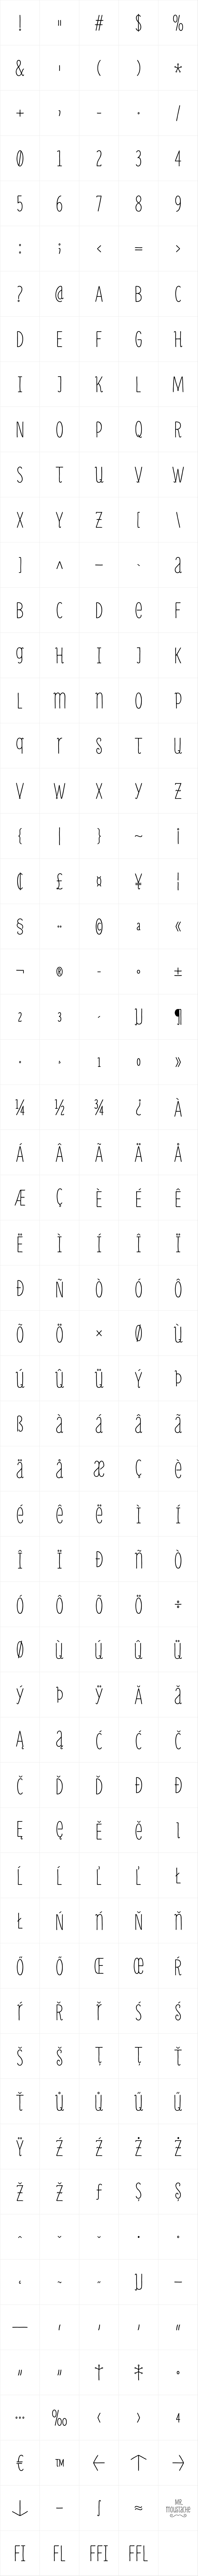 MrMoustache Text Unicase